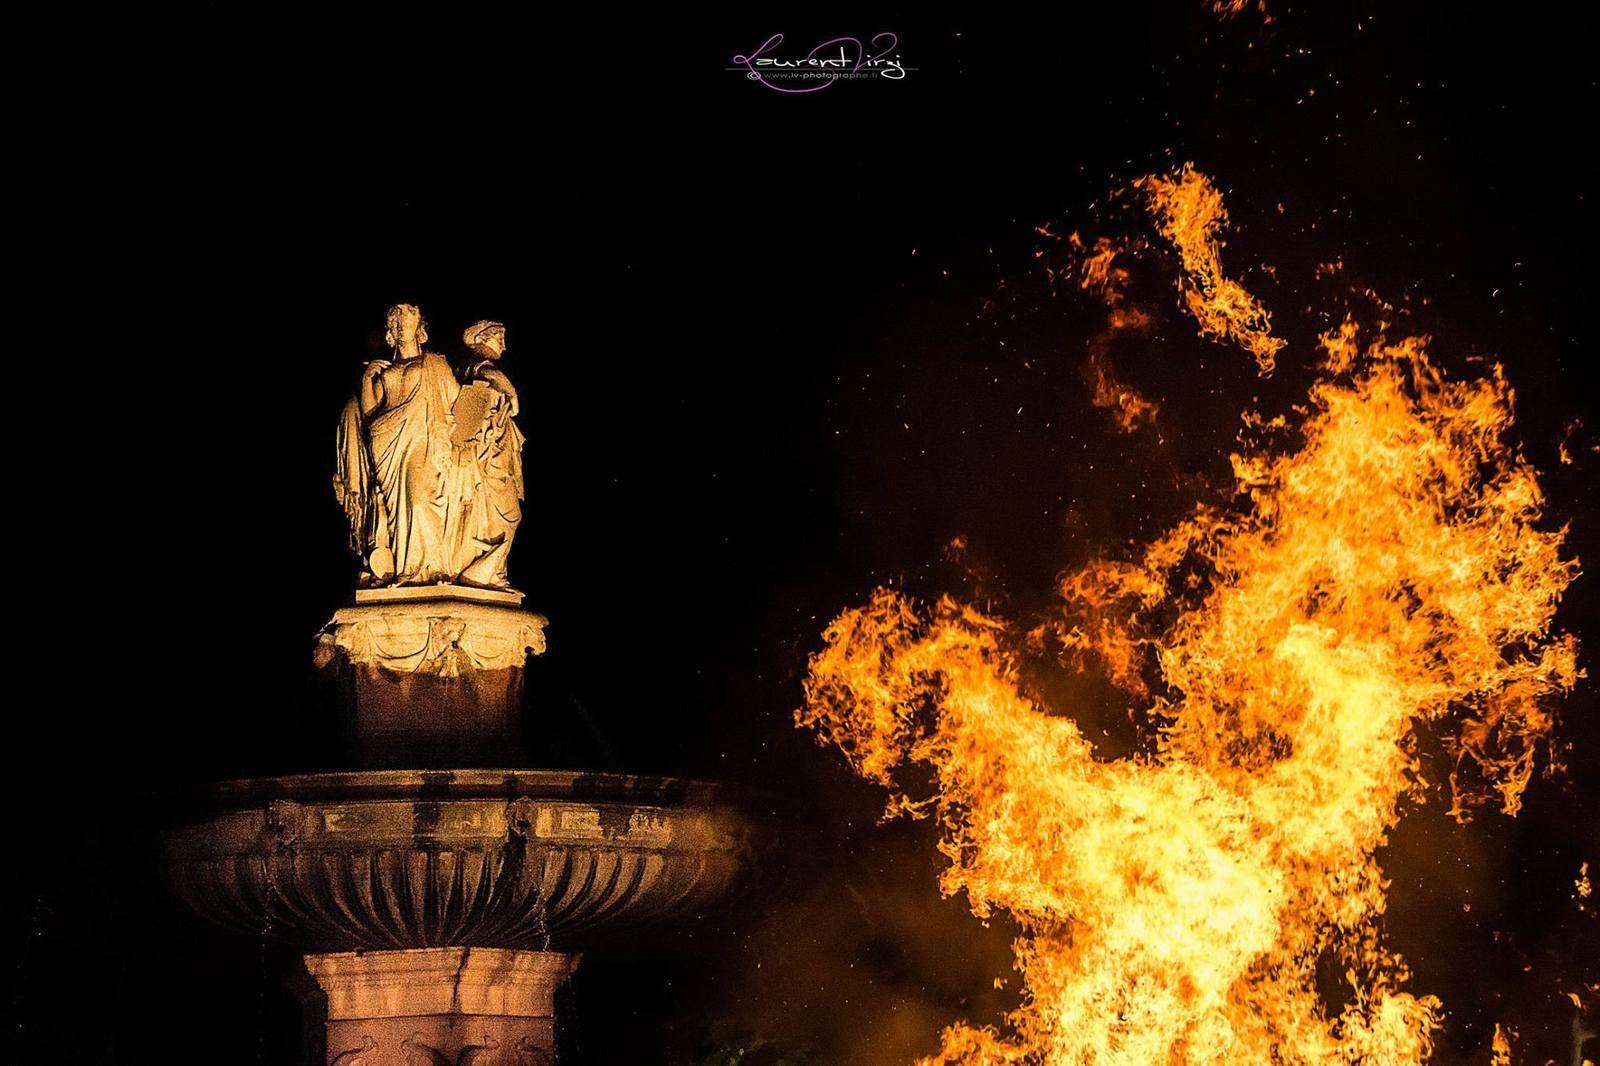 23 juin 2017 Feu de la Saint Jean à Aix